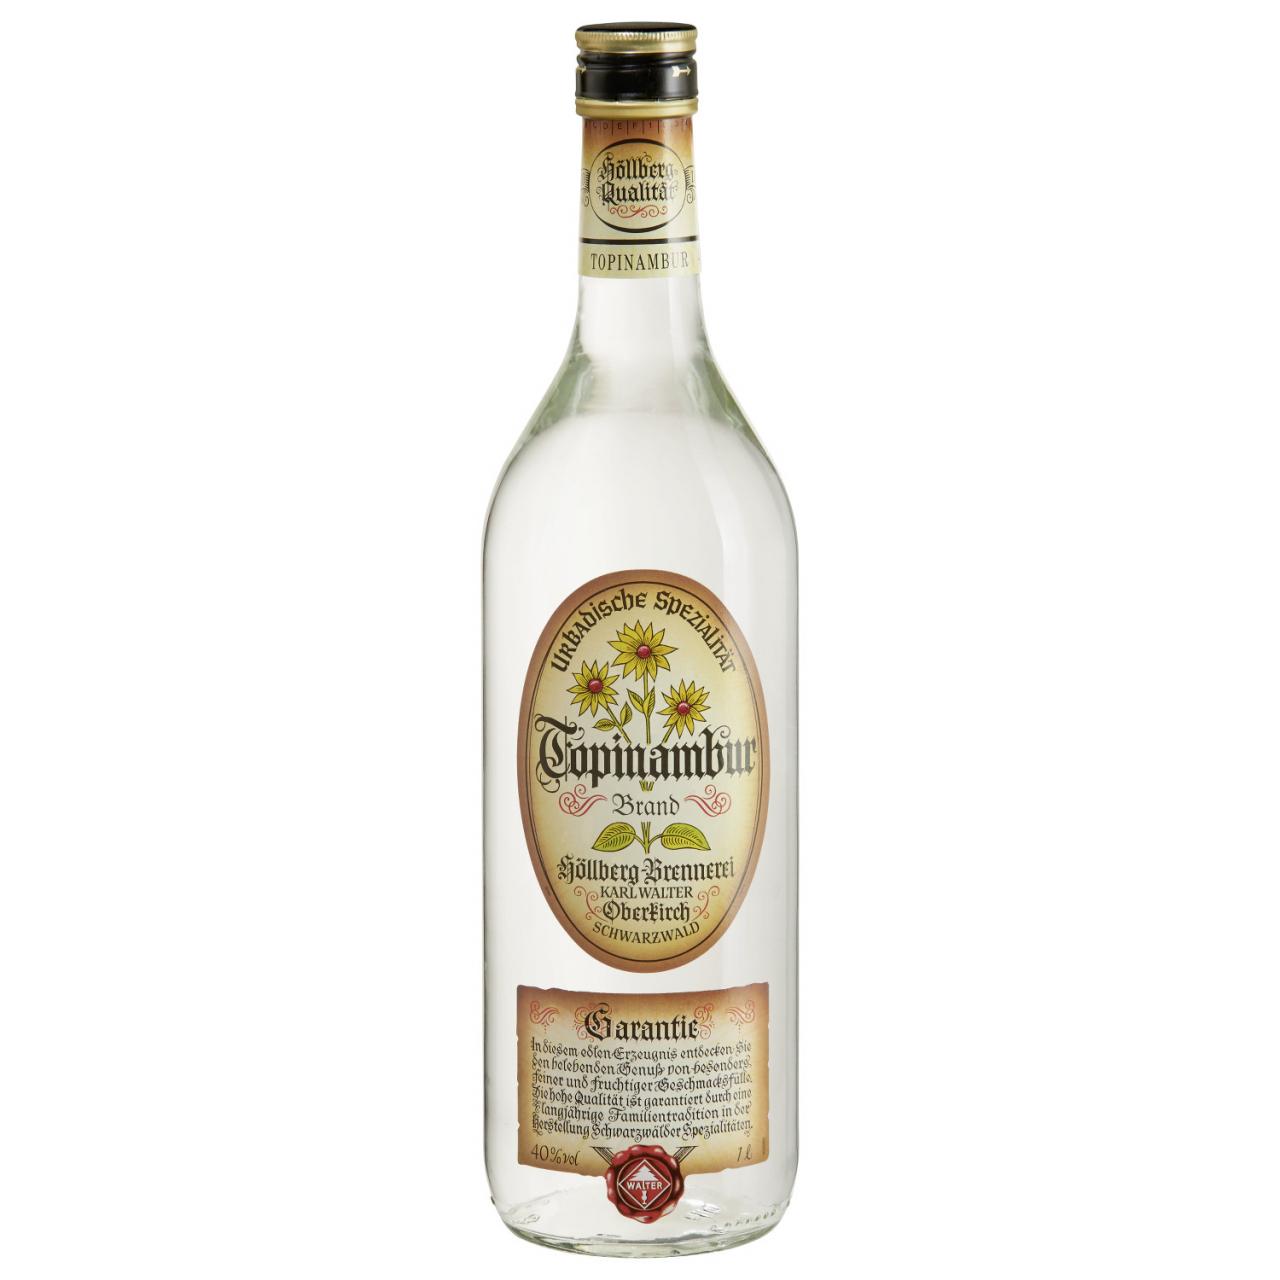 1,0 Liter Flascahe Höllberg Topnambur Brand mit einem Alkohlgehalt von 40% vol